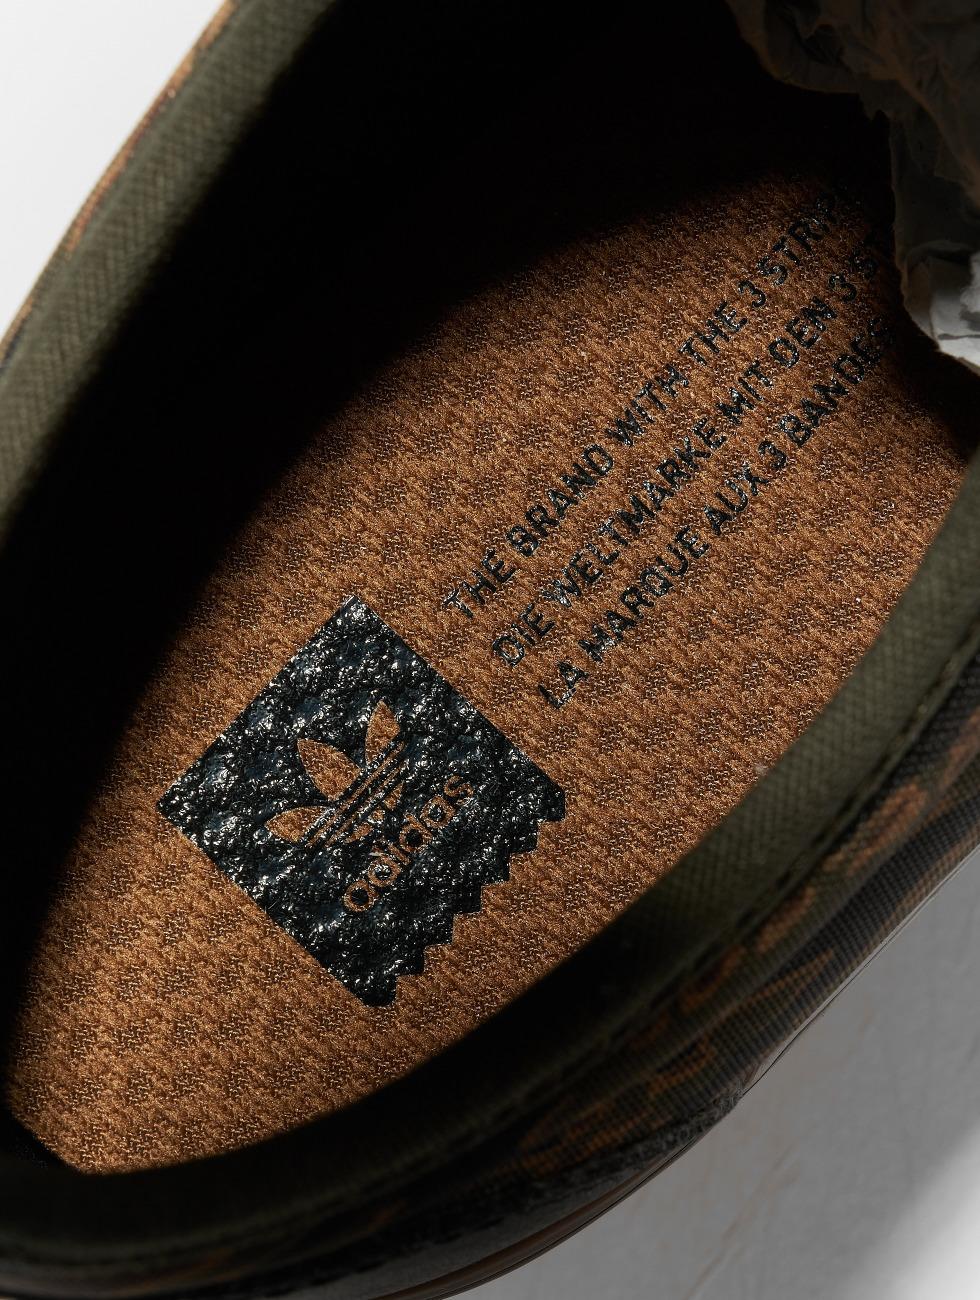 Pas Cher 100% D'origine Adidas Originals Chaussures / Baskets Adi-aise Dans Olive 498 917 Réduction De Nouveaux Styles Choisir Un Meilleur Prix Pas Cher Vente Pré Commande iu7e2WcZBp